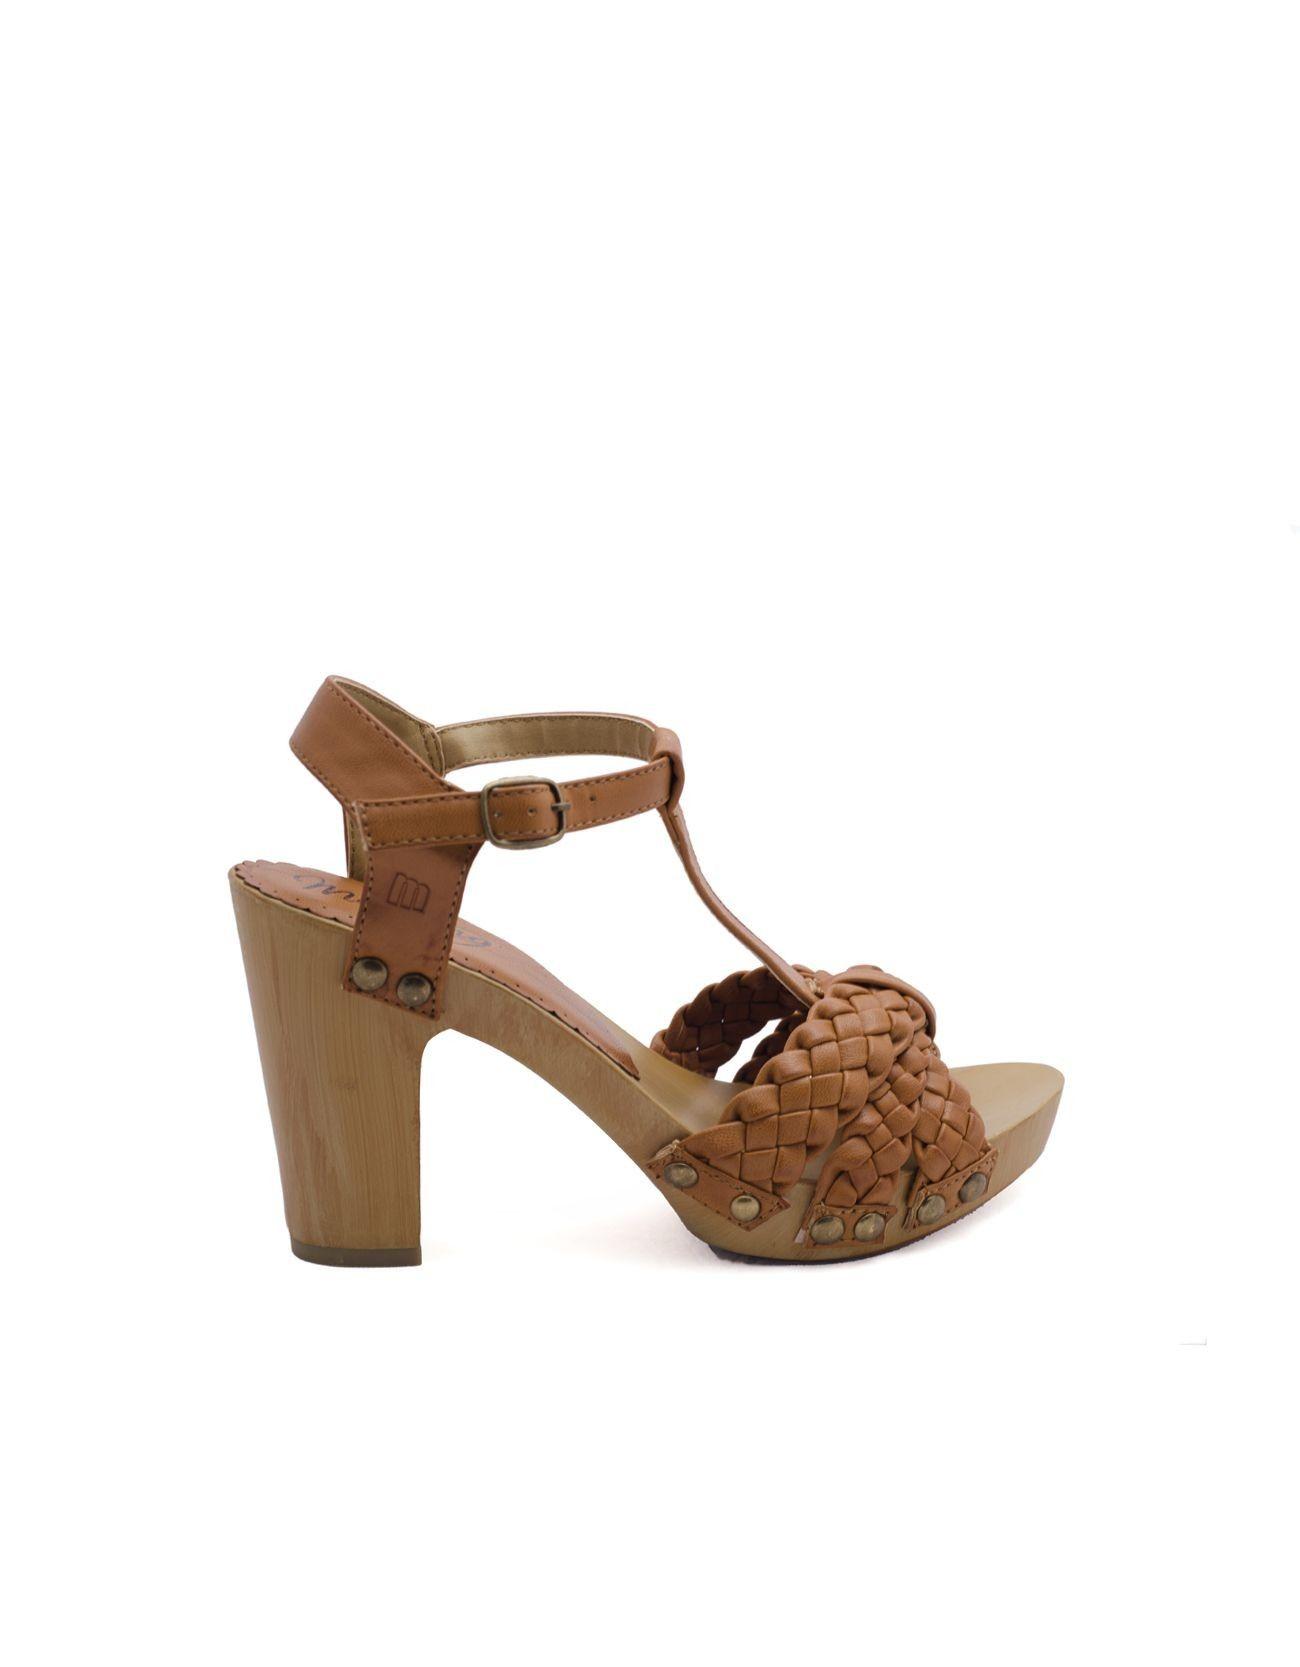 Sandalia trenzada con tac n y suela de madera sandalia - Tocones de madera ...